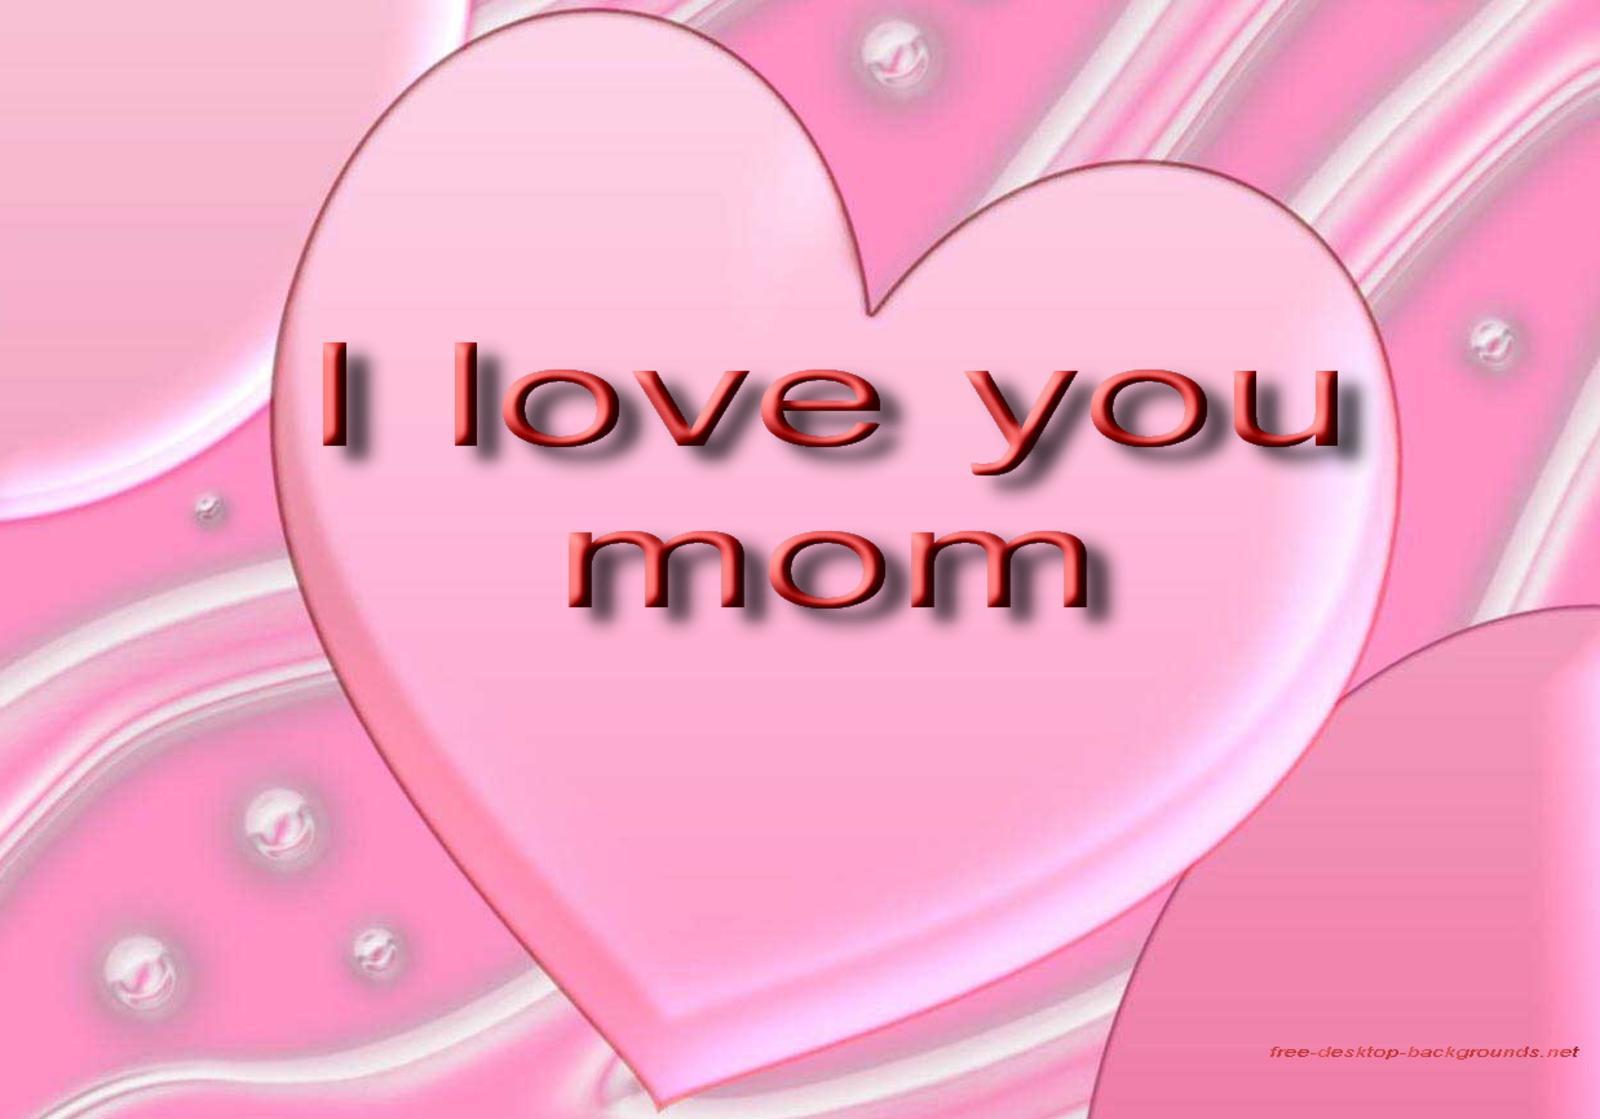 I Love You Mom Desktop Wallpapers Desktop Background